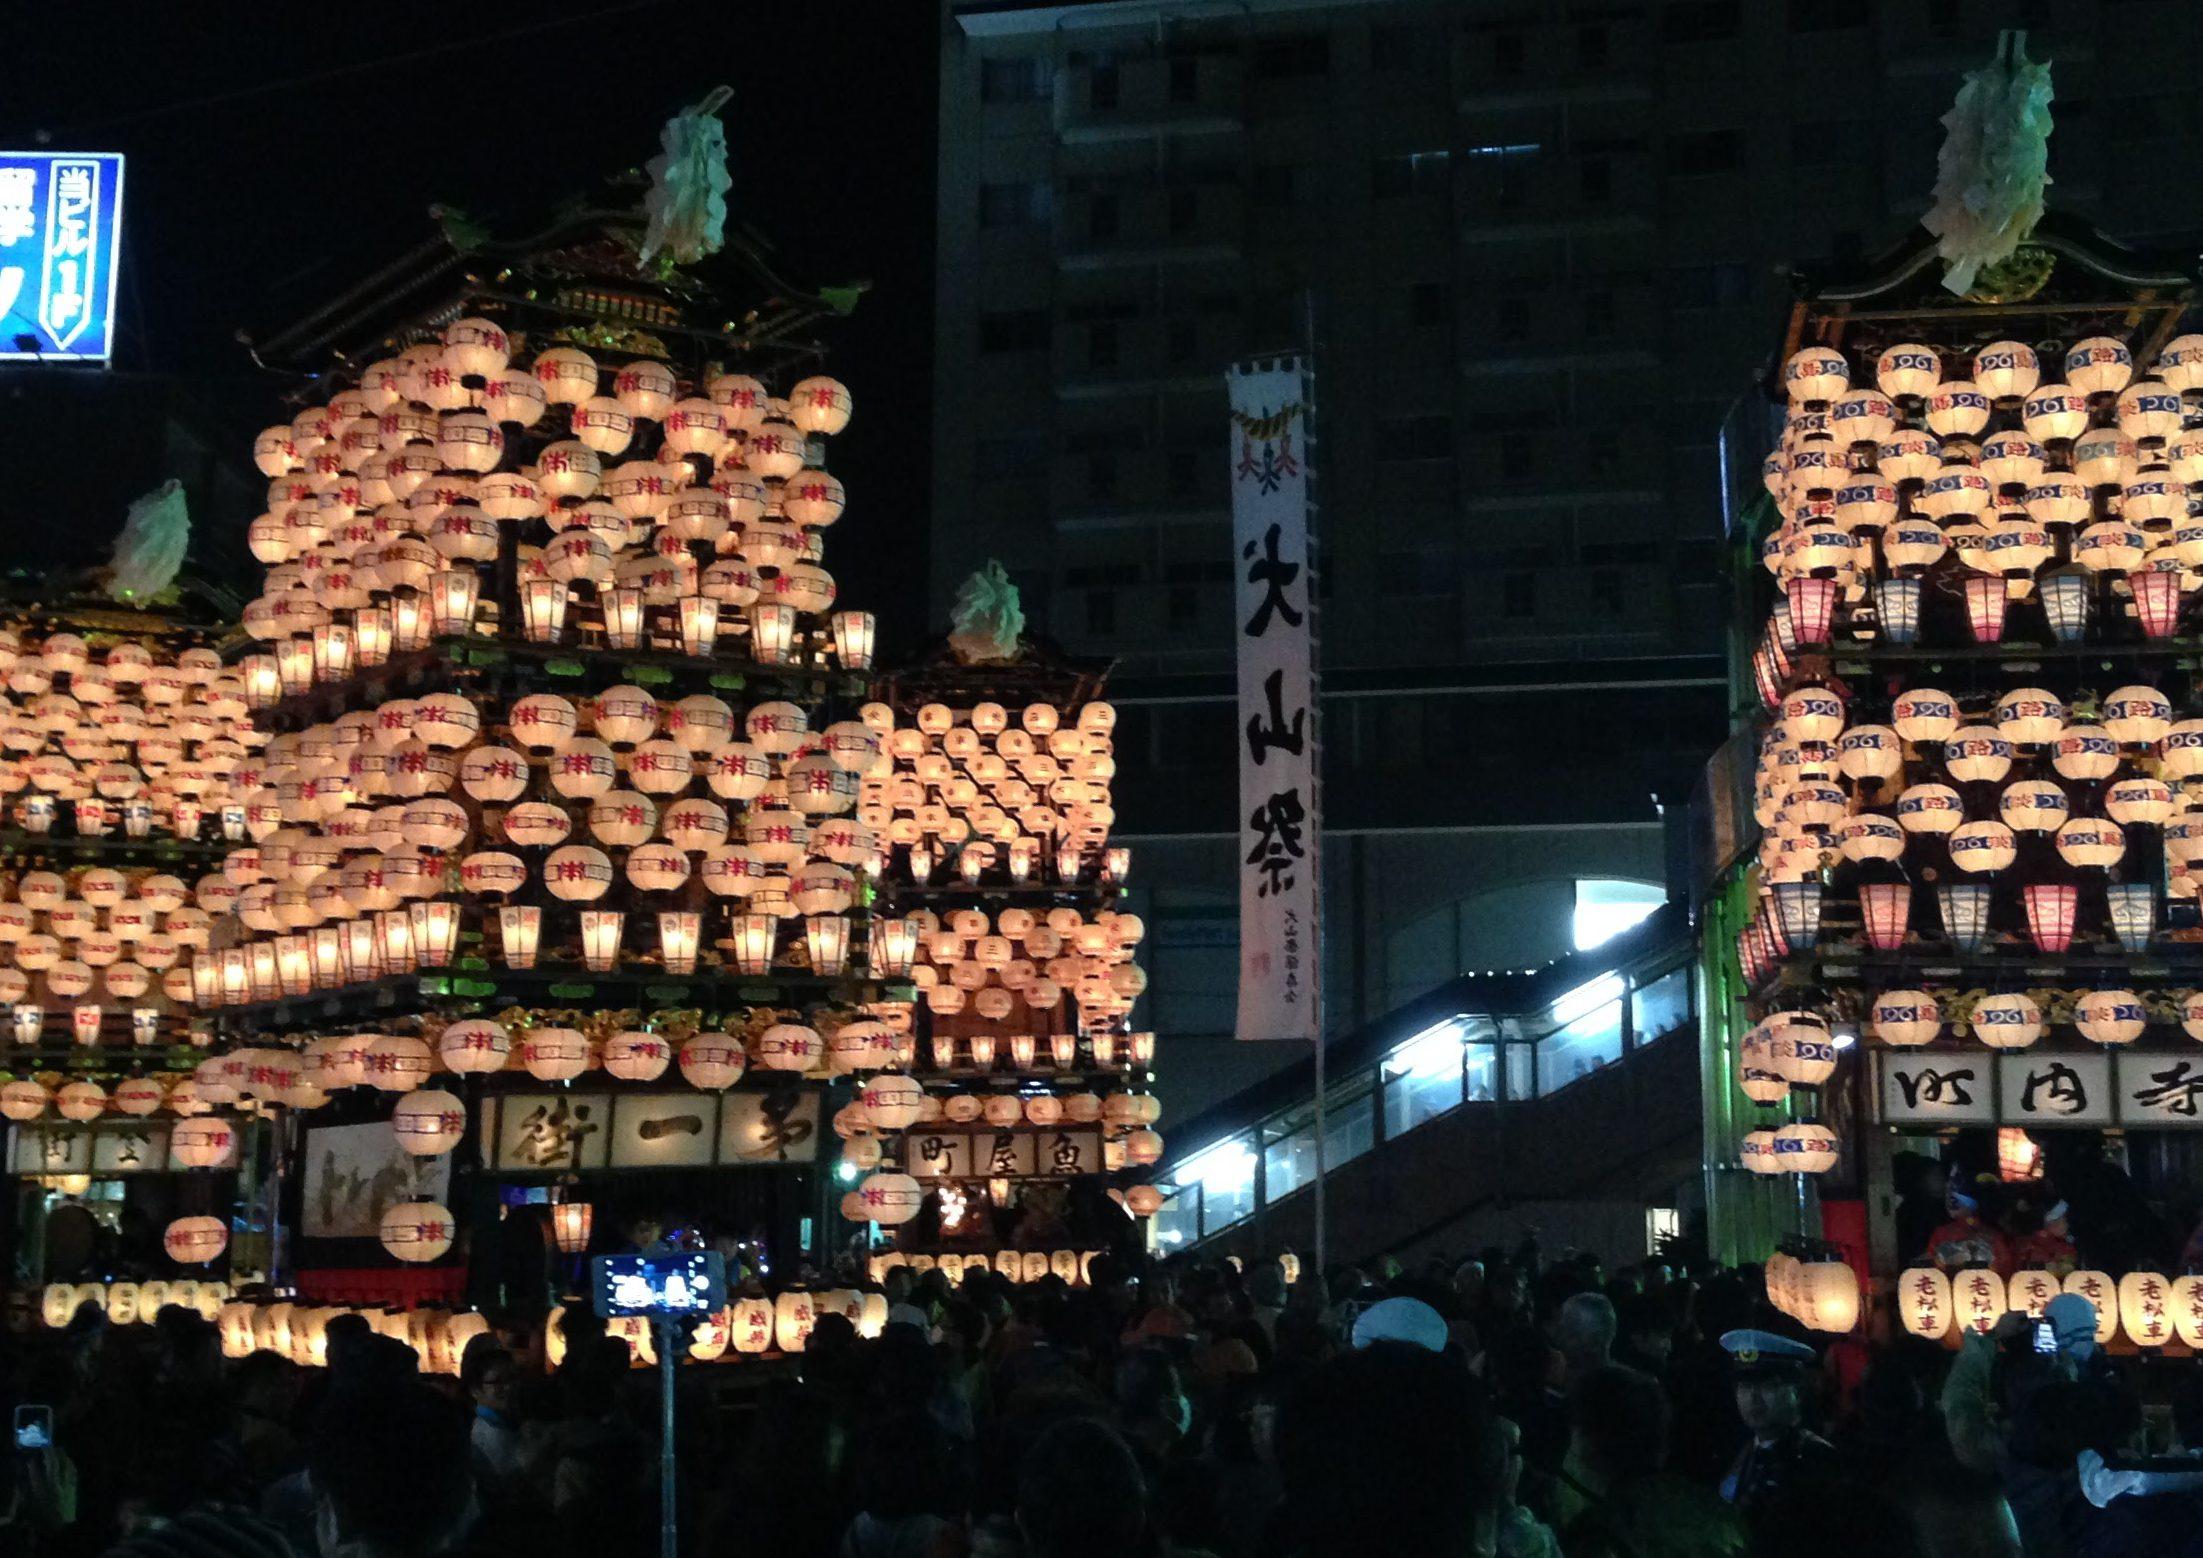 ユネスコ無形文化遺産に登録された犬山祭